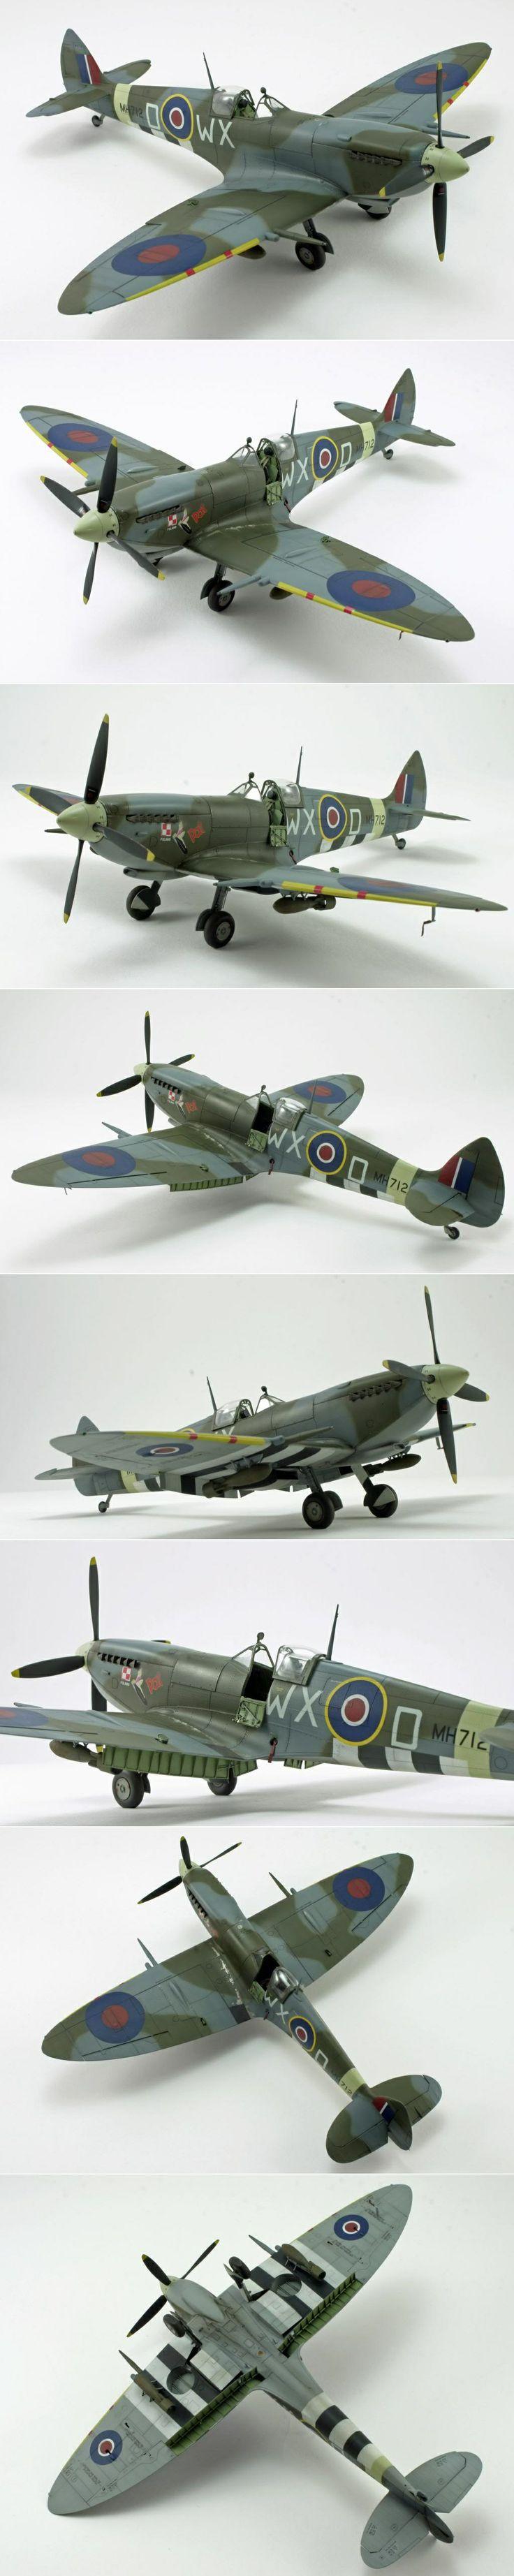 Eduard Spitfire IX http://www.network54.com/Forum/47751/message/1389289445/Eduard+Spitfire+IX